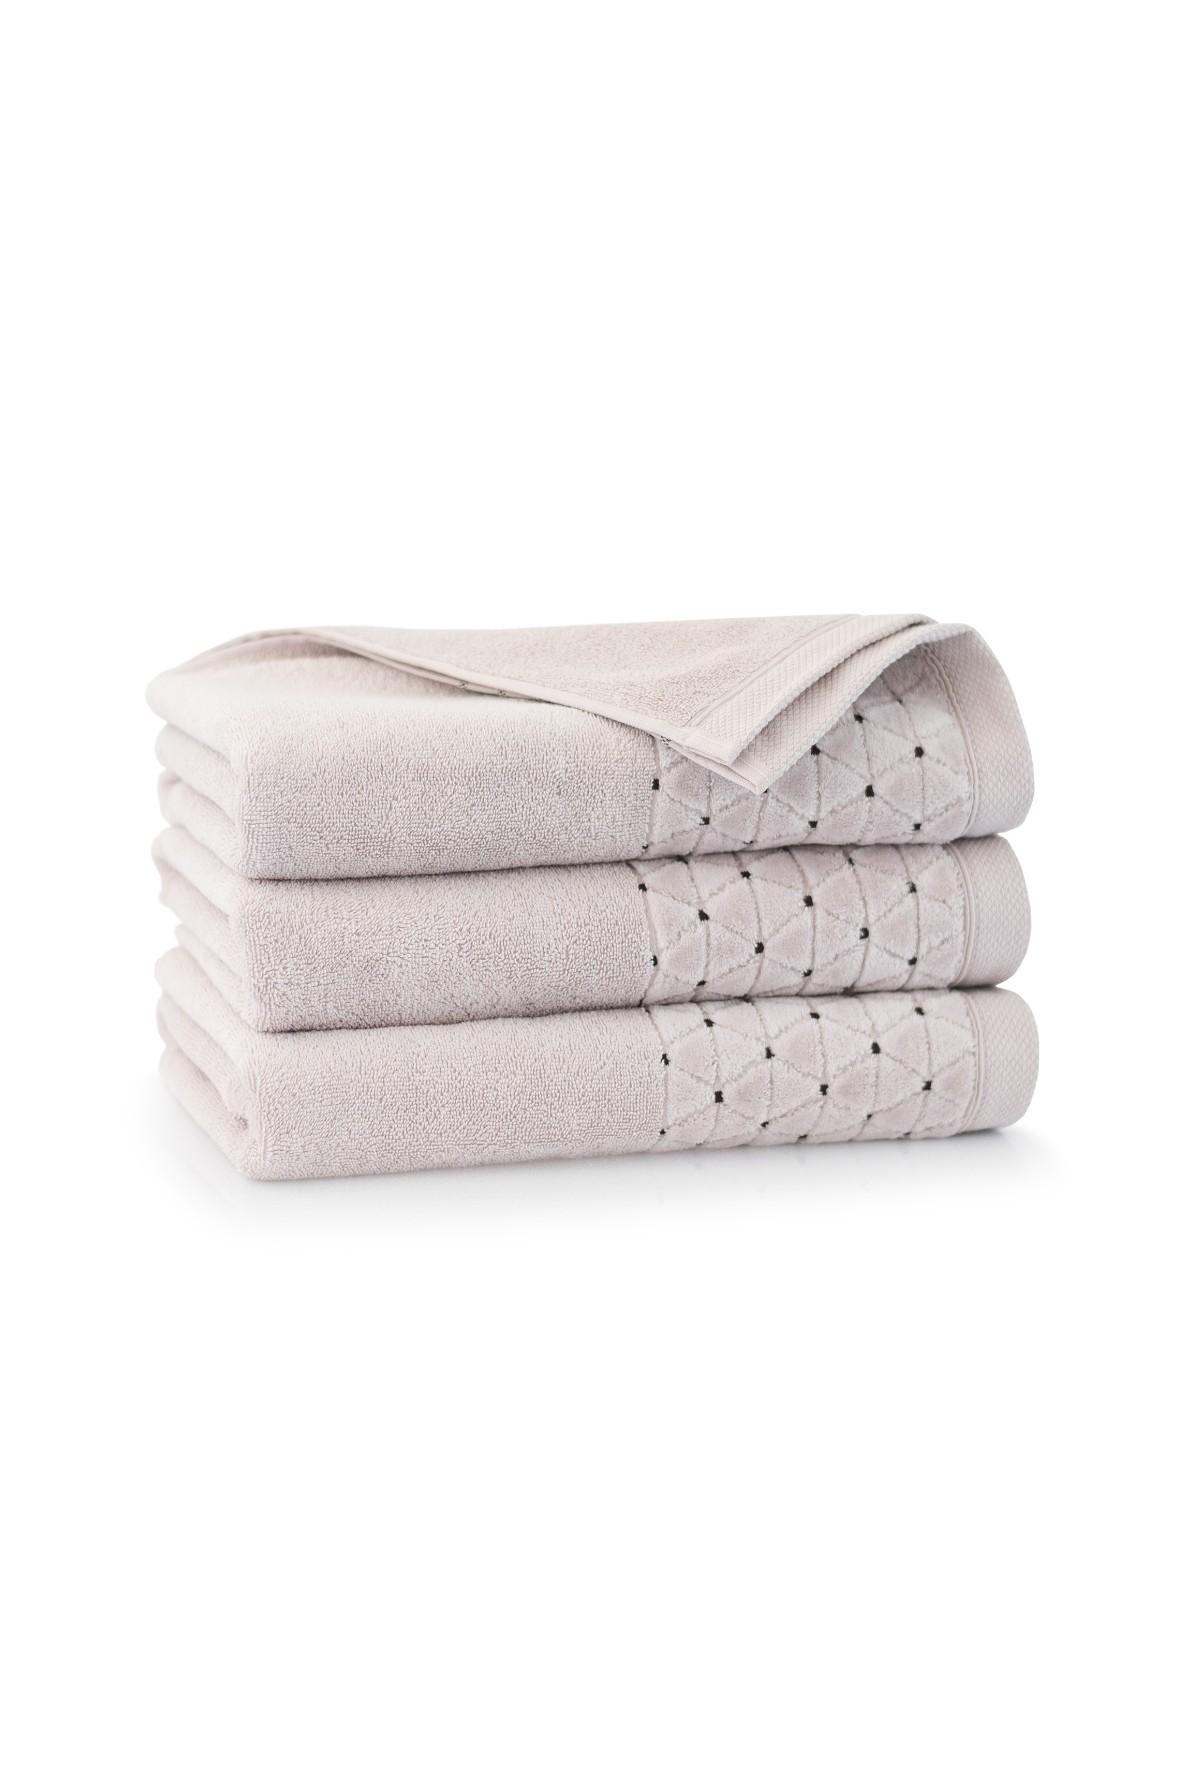 Ręcznik antybakteryjny Oscar z bawełny egipskiej - 2pack 30x50cm